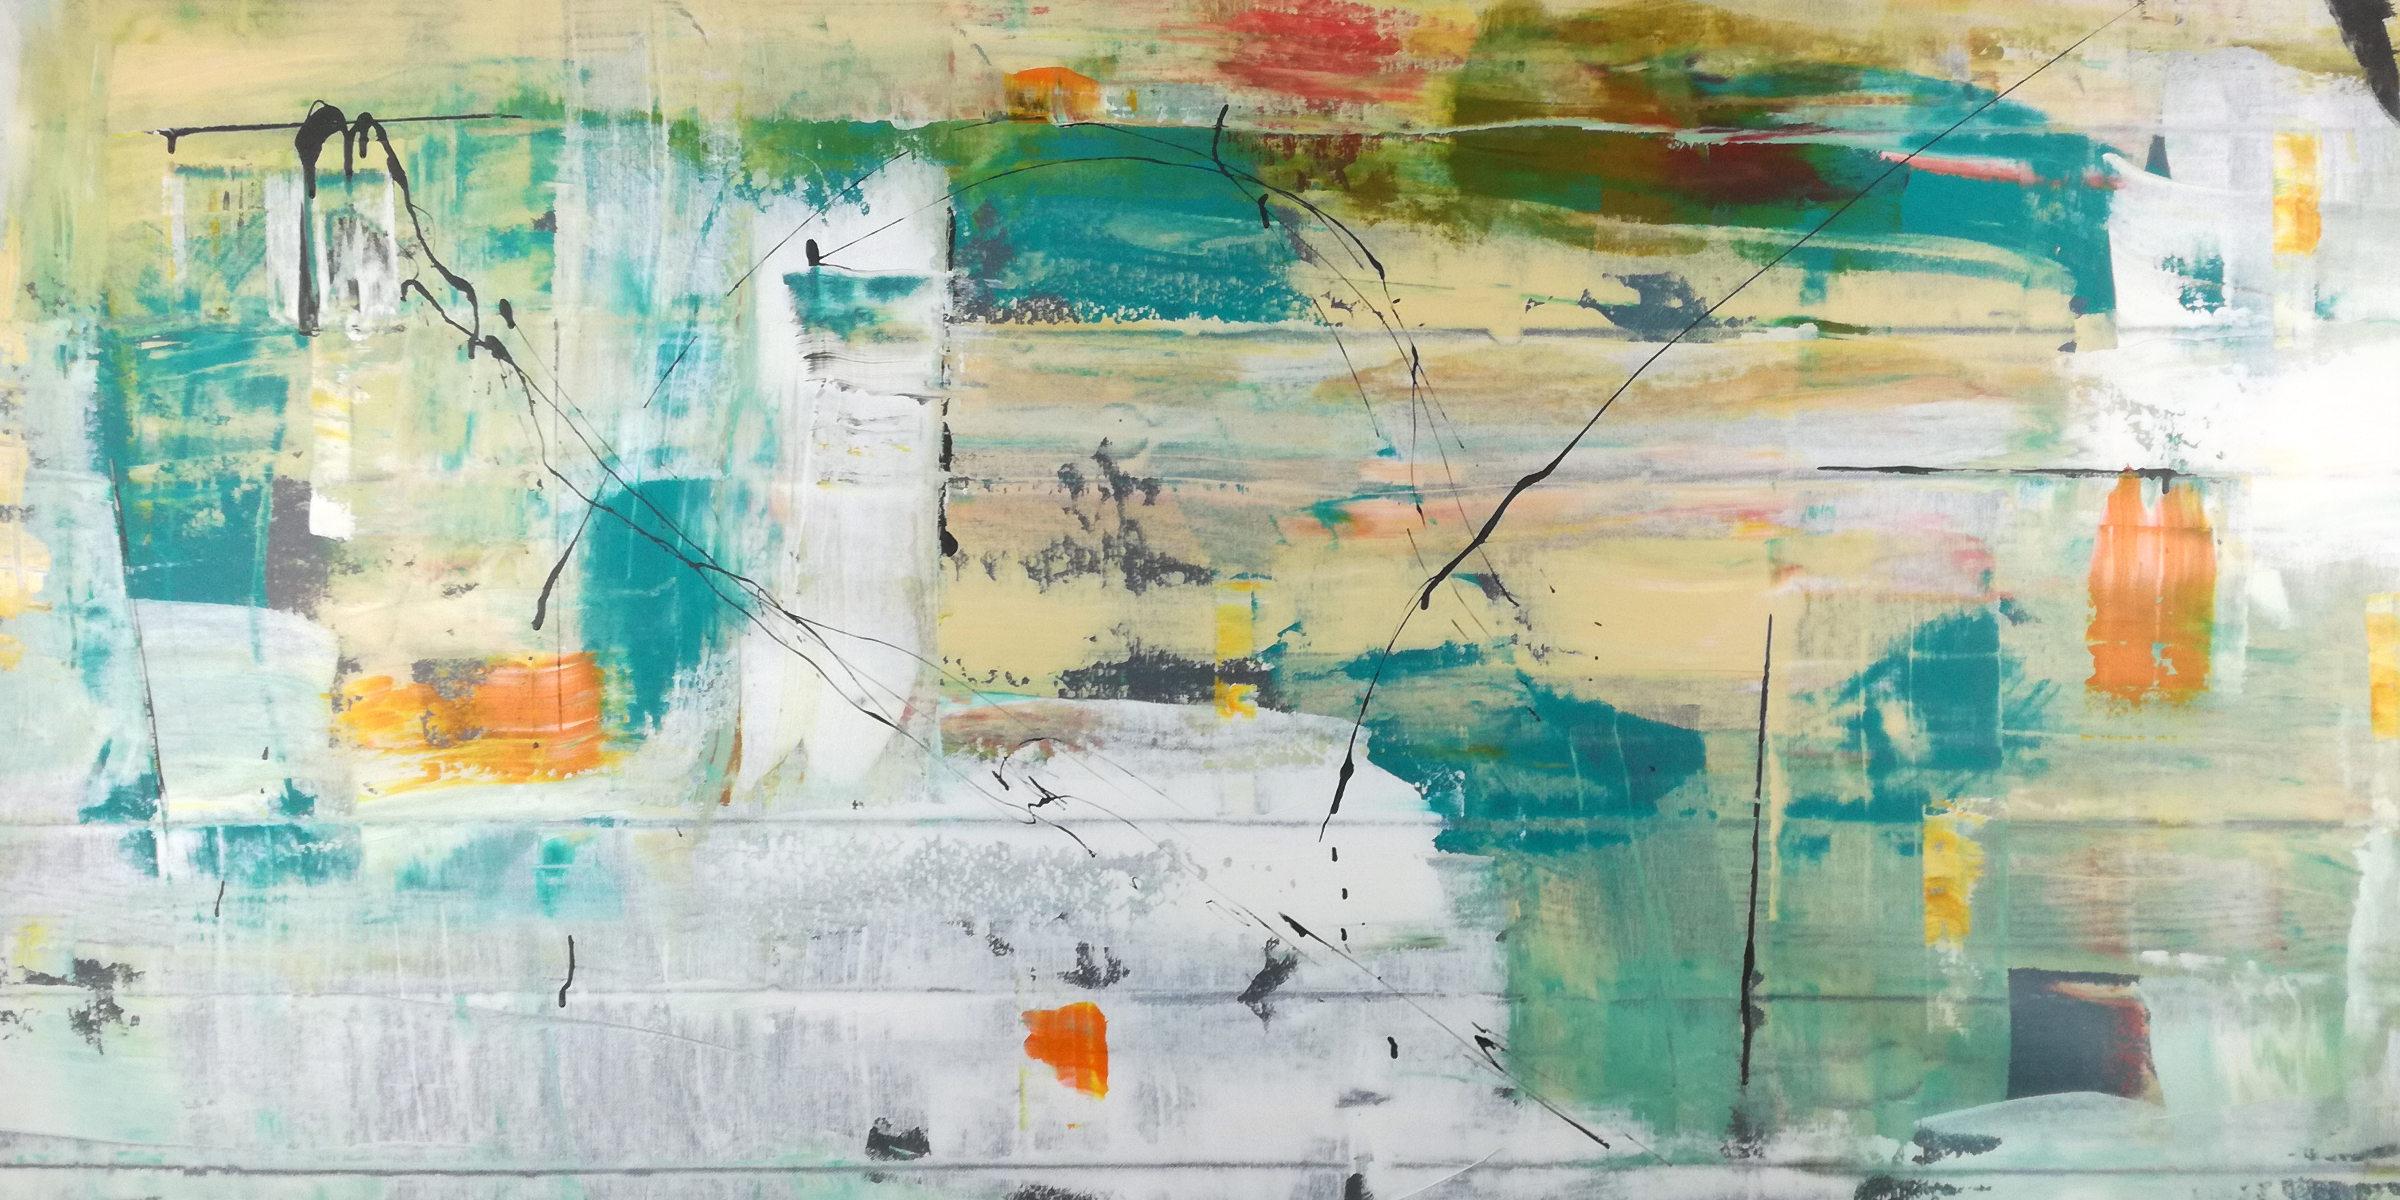 quadri-astratti-su-tela-moderni-c196 | sauro bos